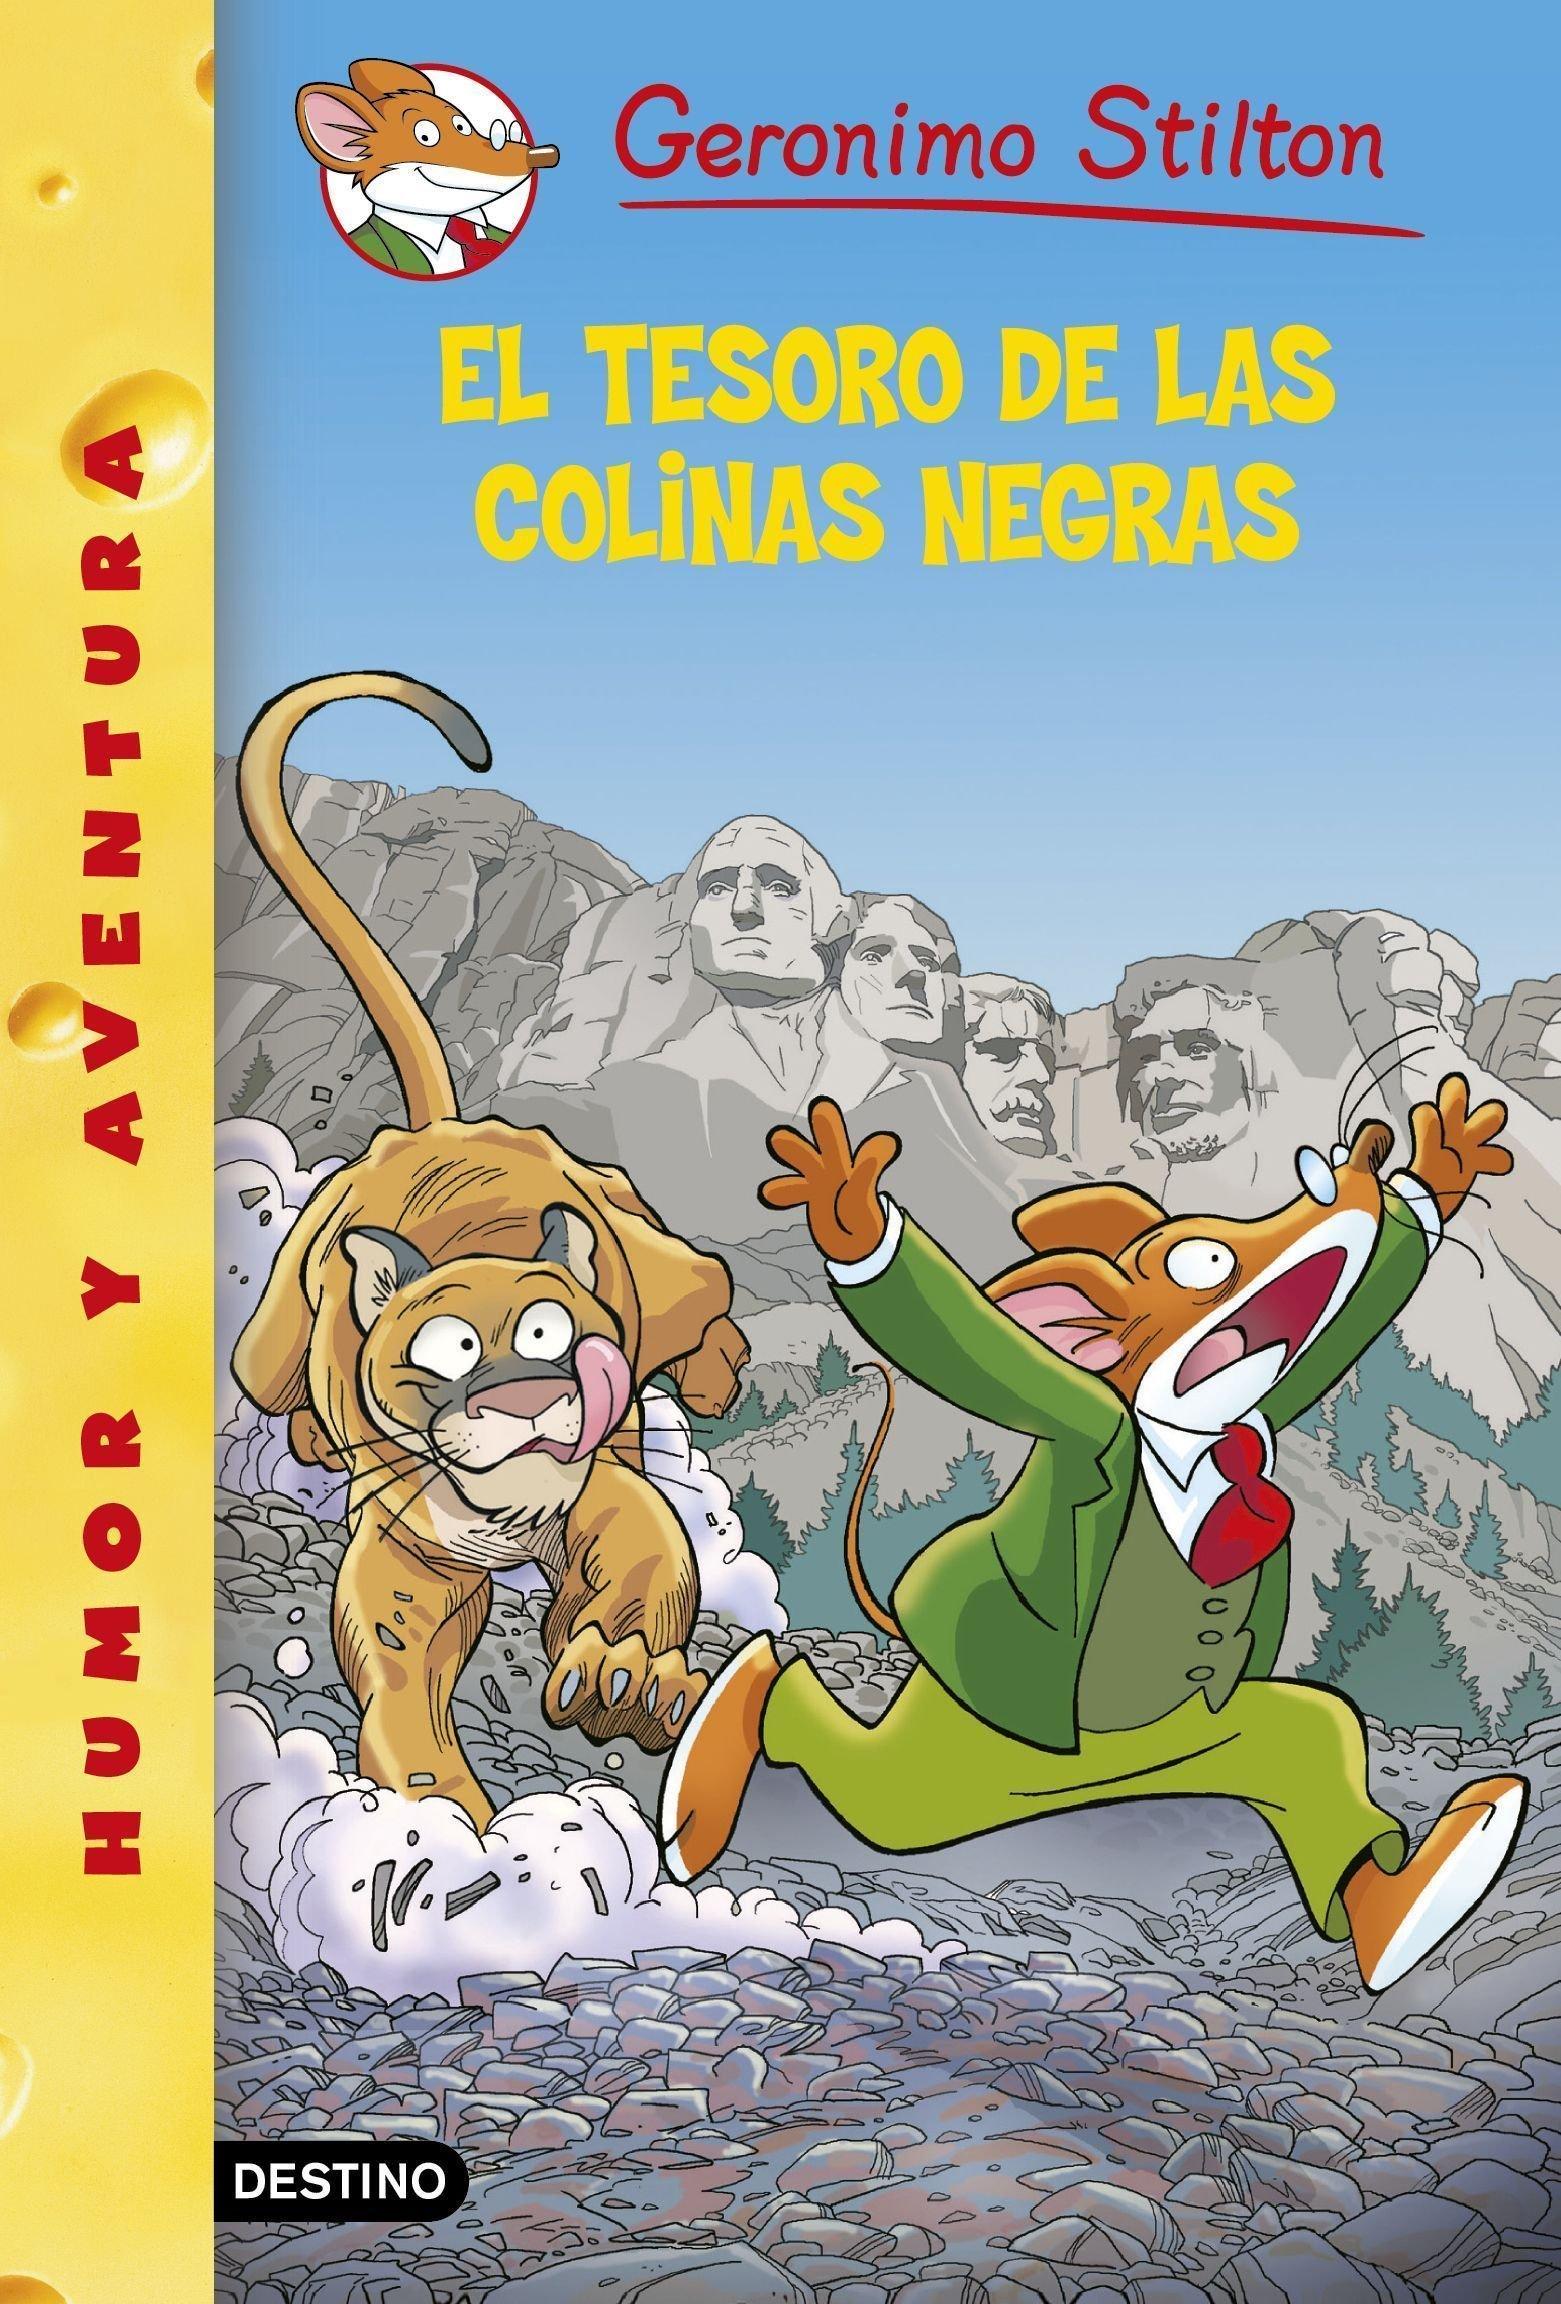 El tesoro de las Colinas Negras: Geronimo Stilton 56: Amazon.es: Geronimo Stilton, Manel Martí i Viudes: Libros